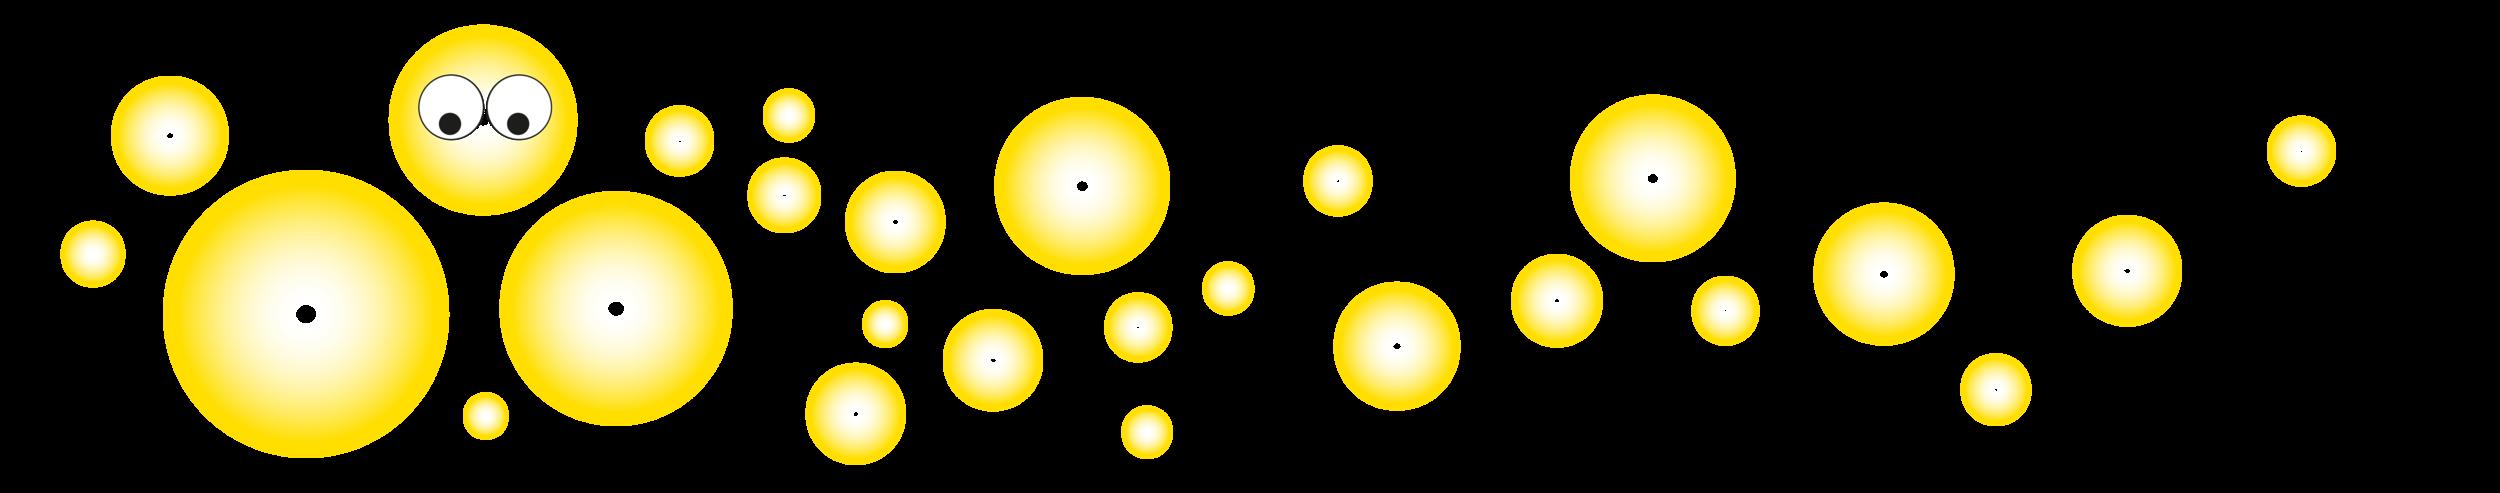 Spheres-03.png